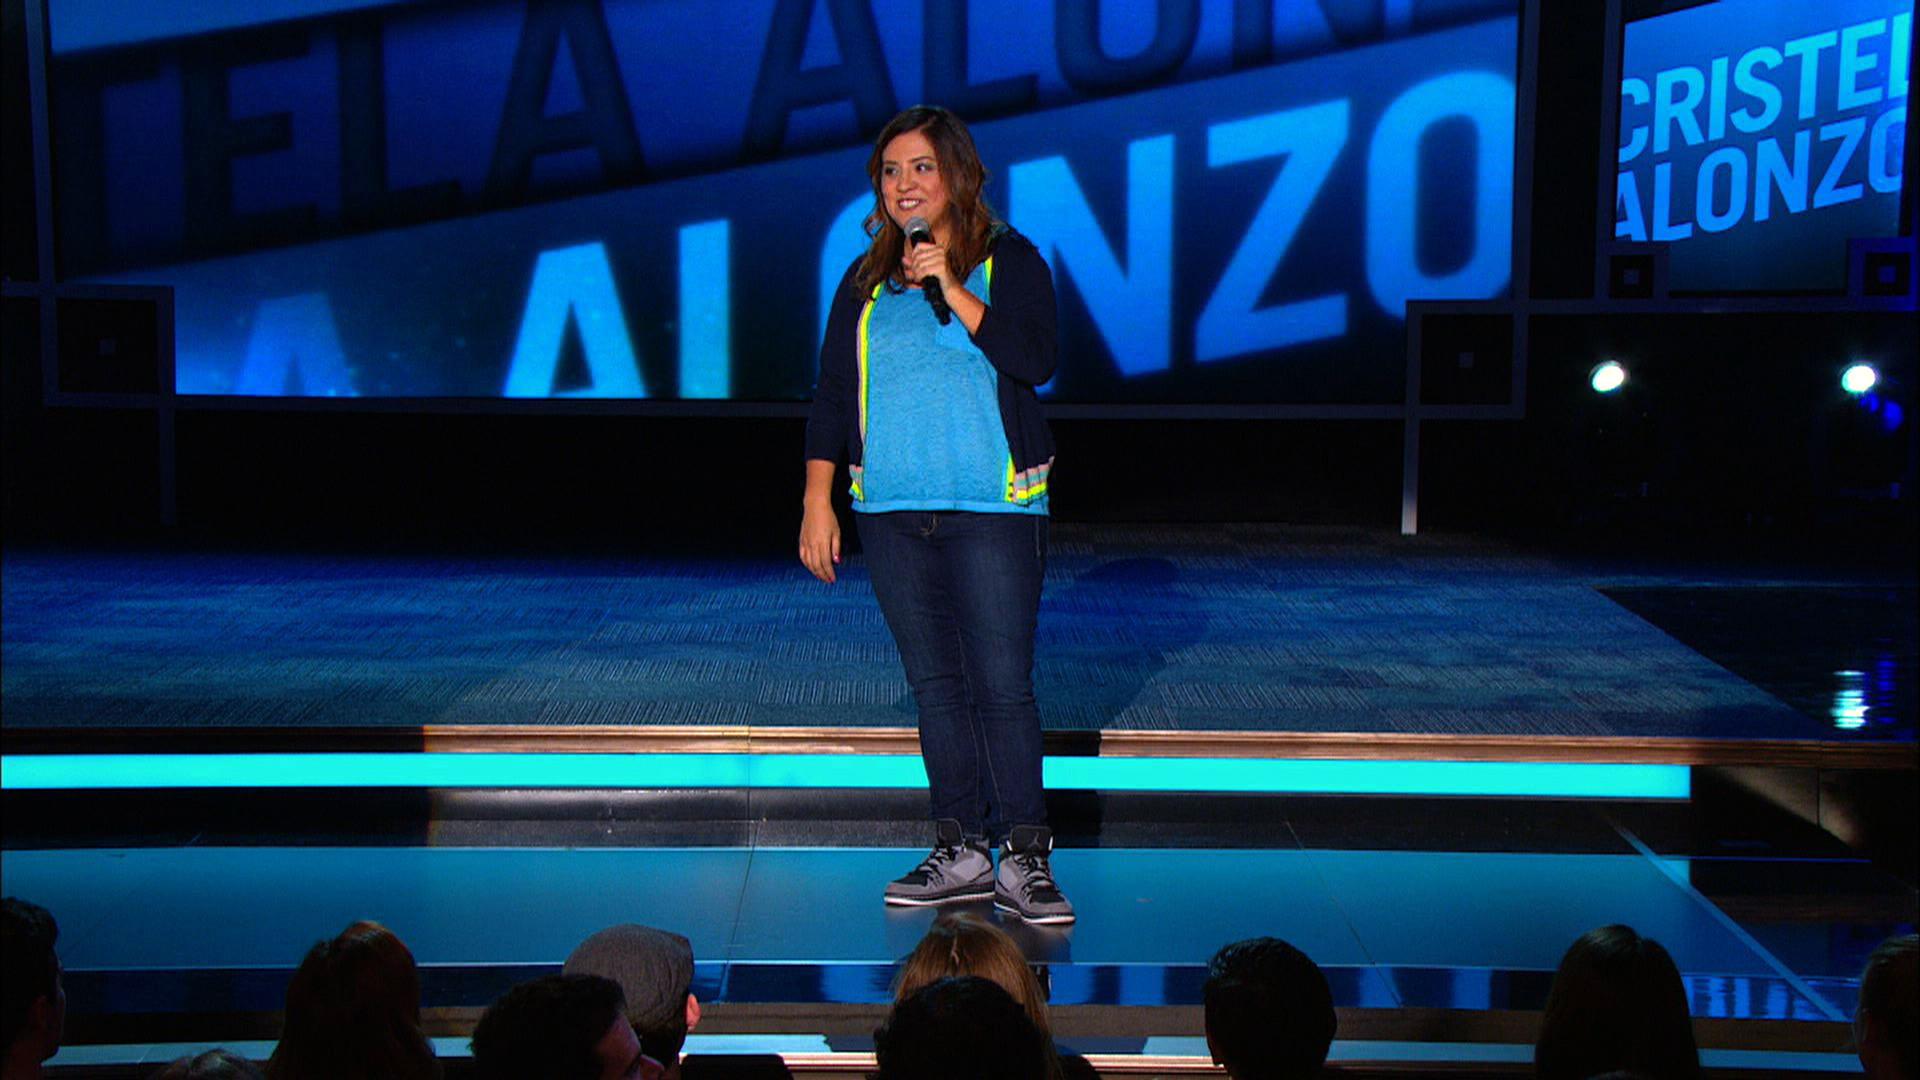 Cristela Alonzo - White Superheroes